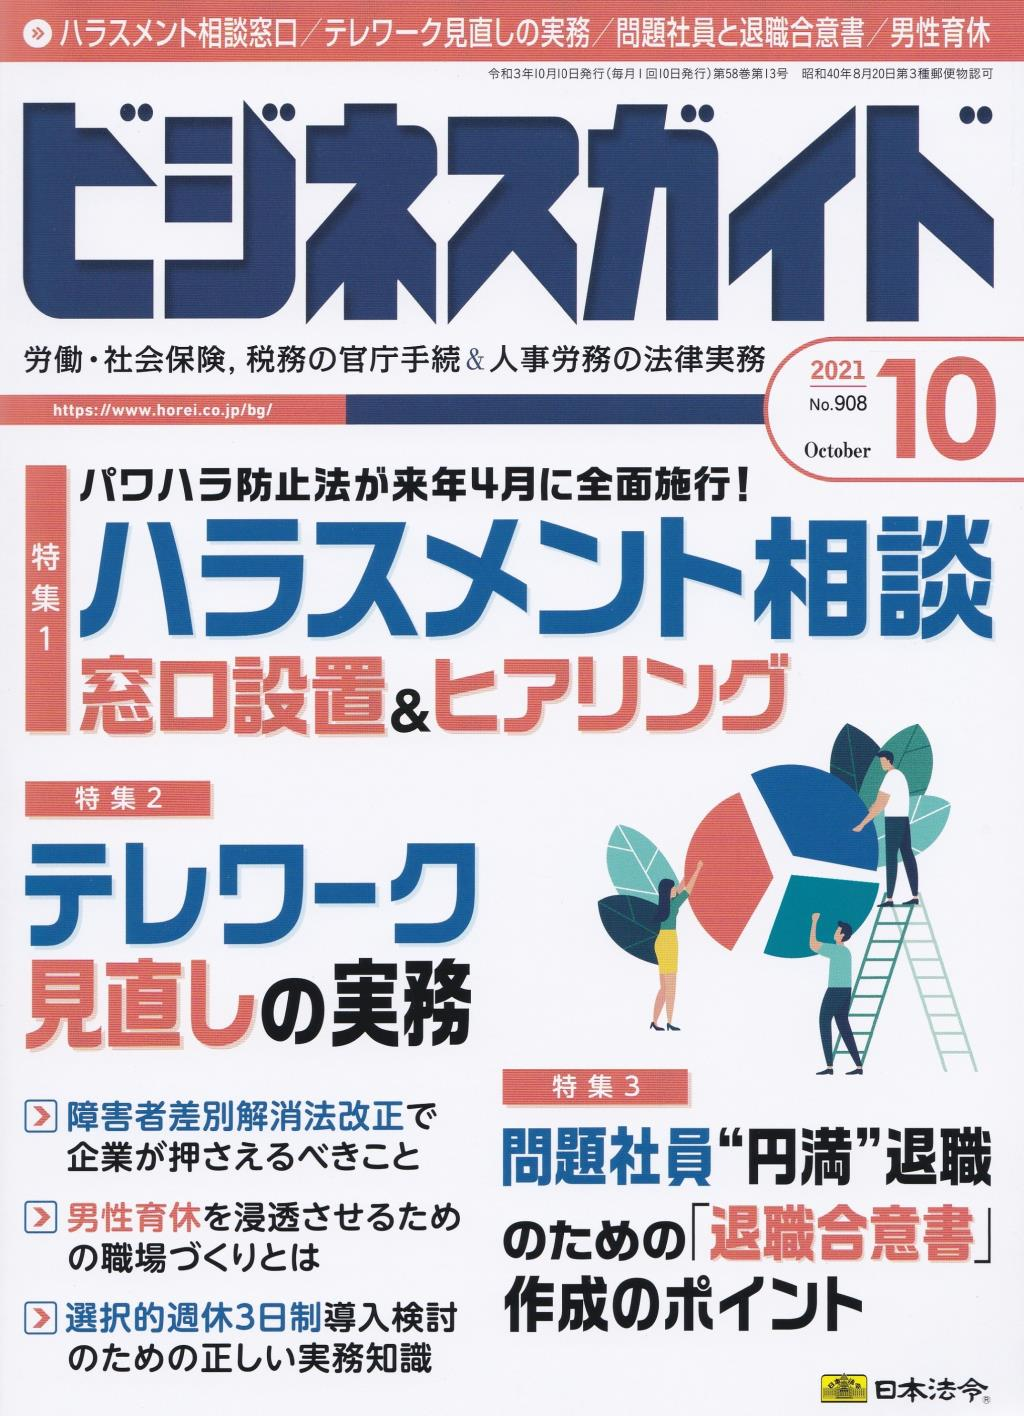 ビジネスガイド(月刊)2021年10月号 通巻第908号